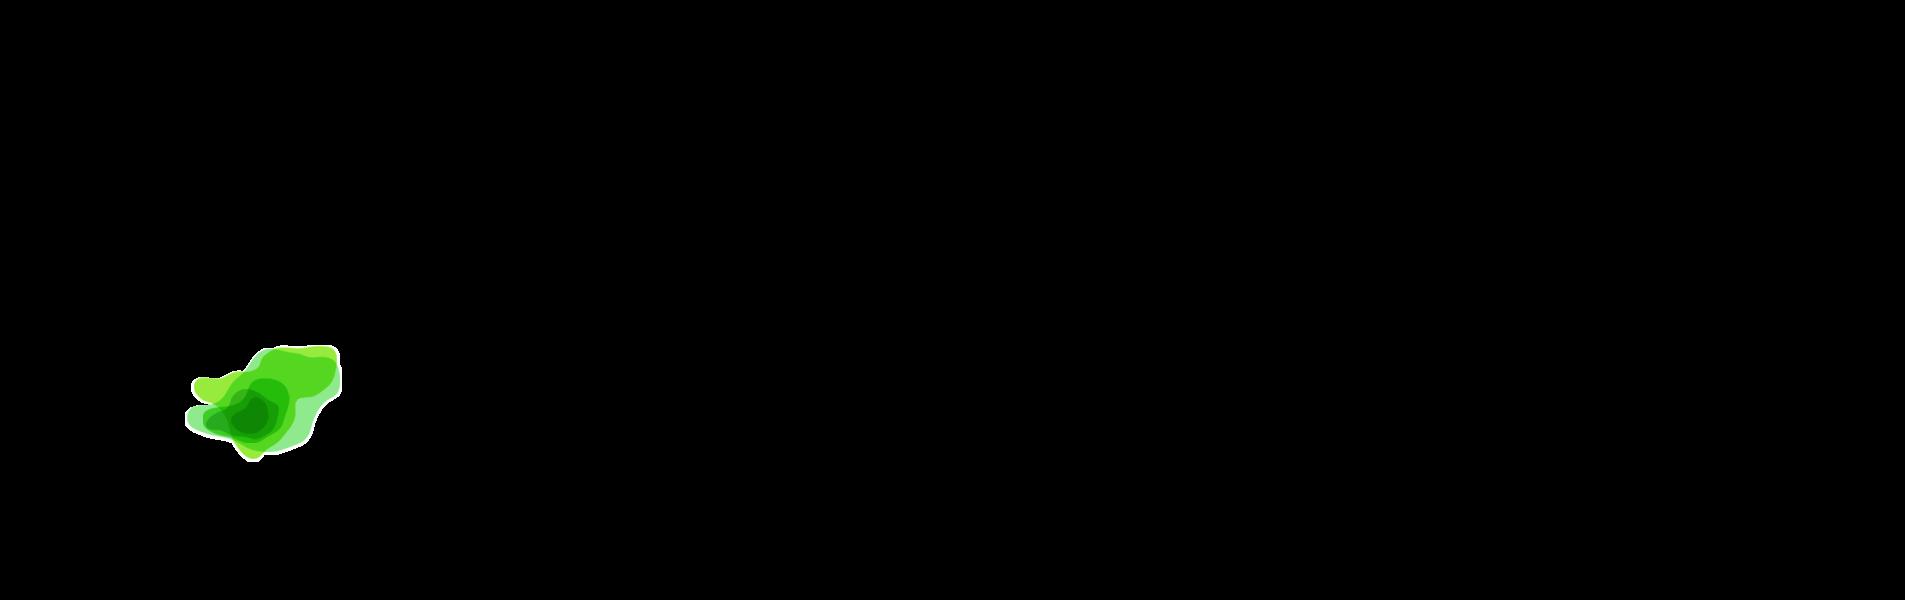 لایه ششم اسلاید گرین ورلد، هویت بصری گرین ورلد، طراحی لوگو، طراحی لوگوتایپ، شرکت تبلیغاتی الف، طراحی هویت بصری